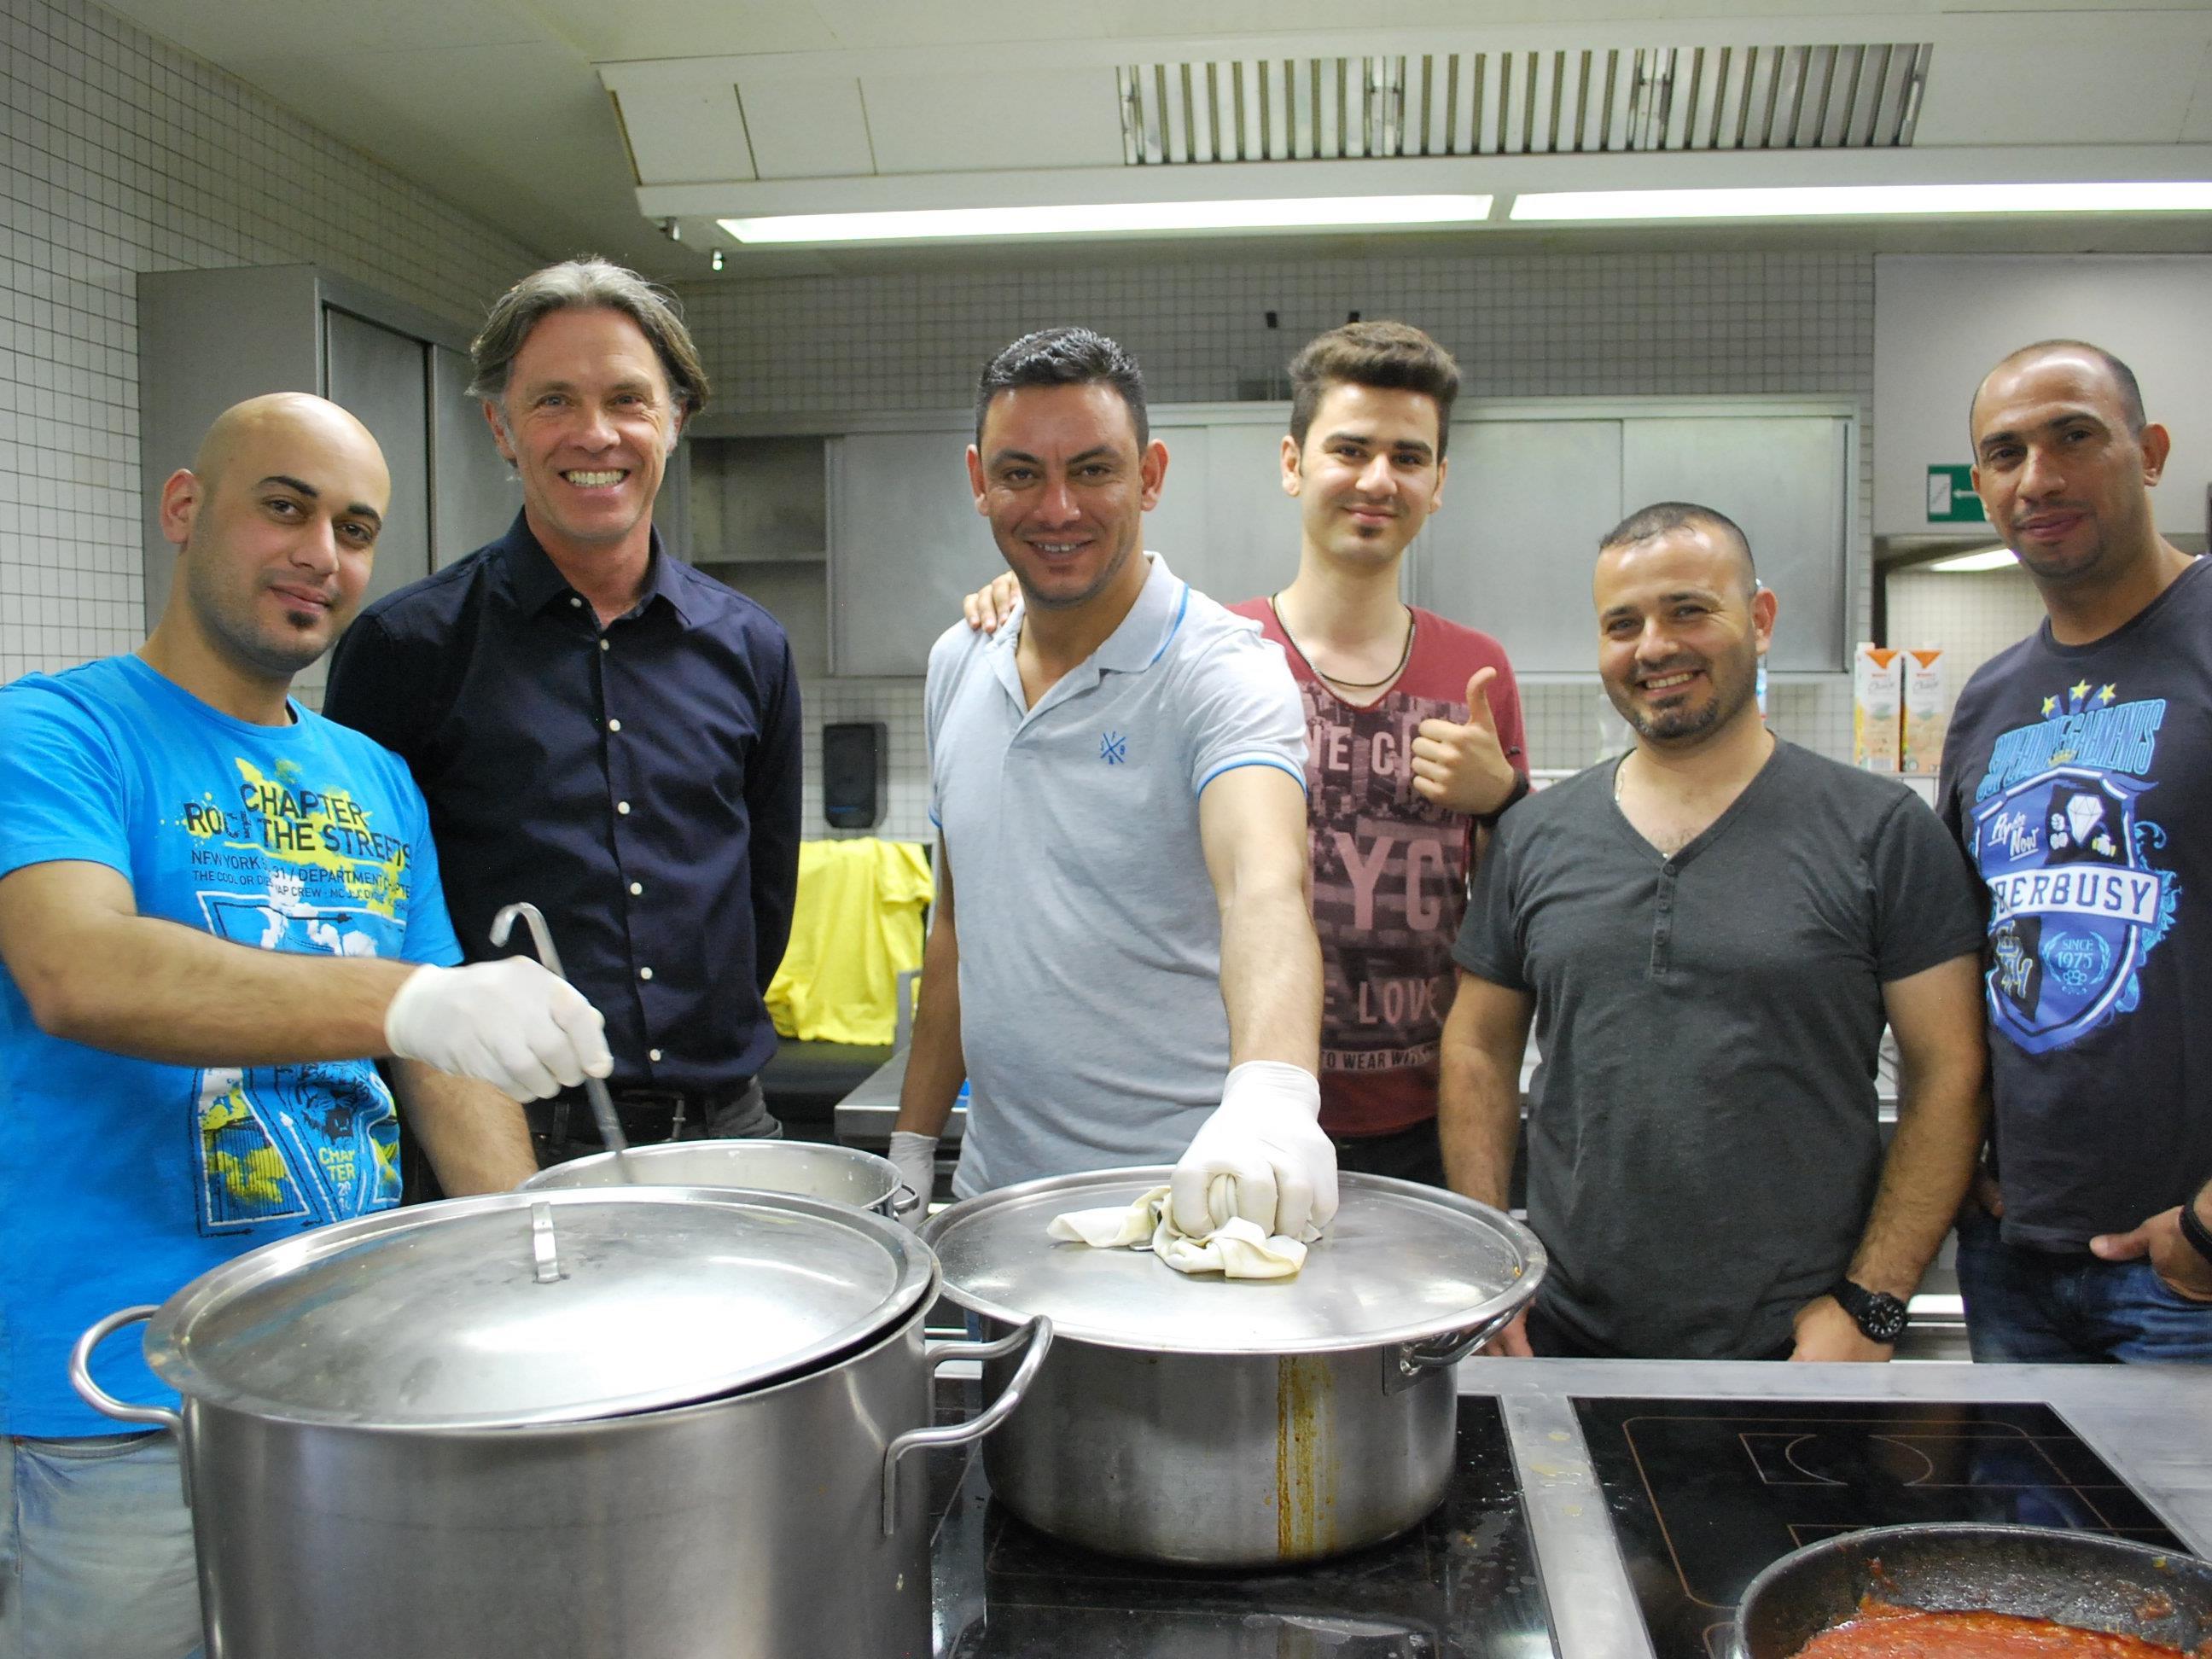 Nicht nur Fußball spielen, auch Kochen verbindet.